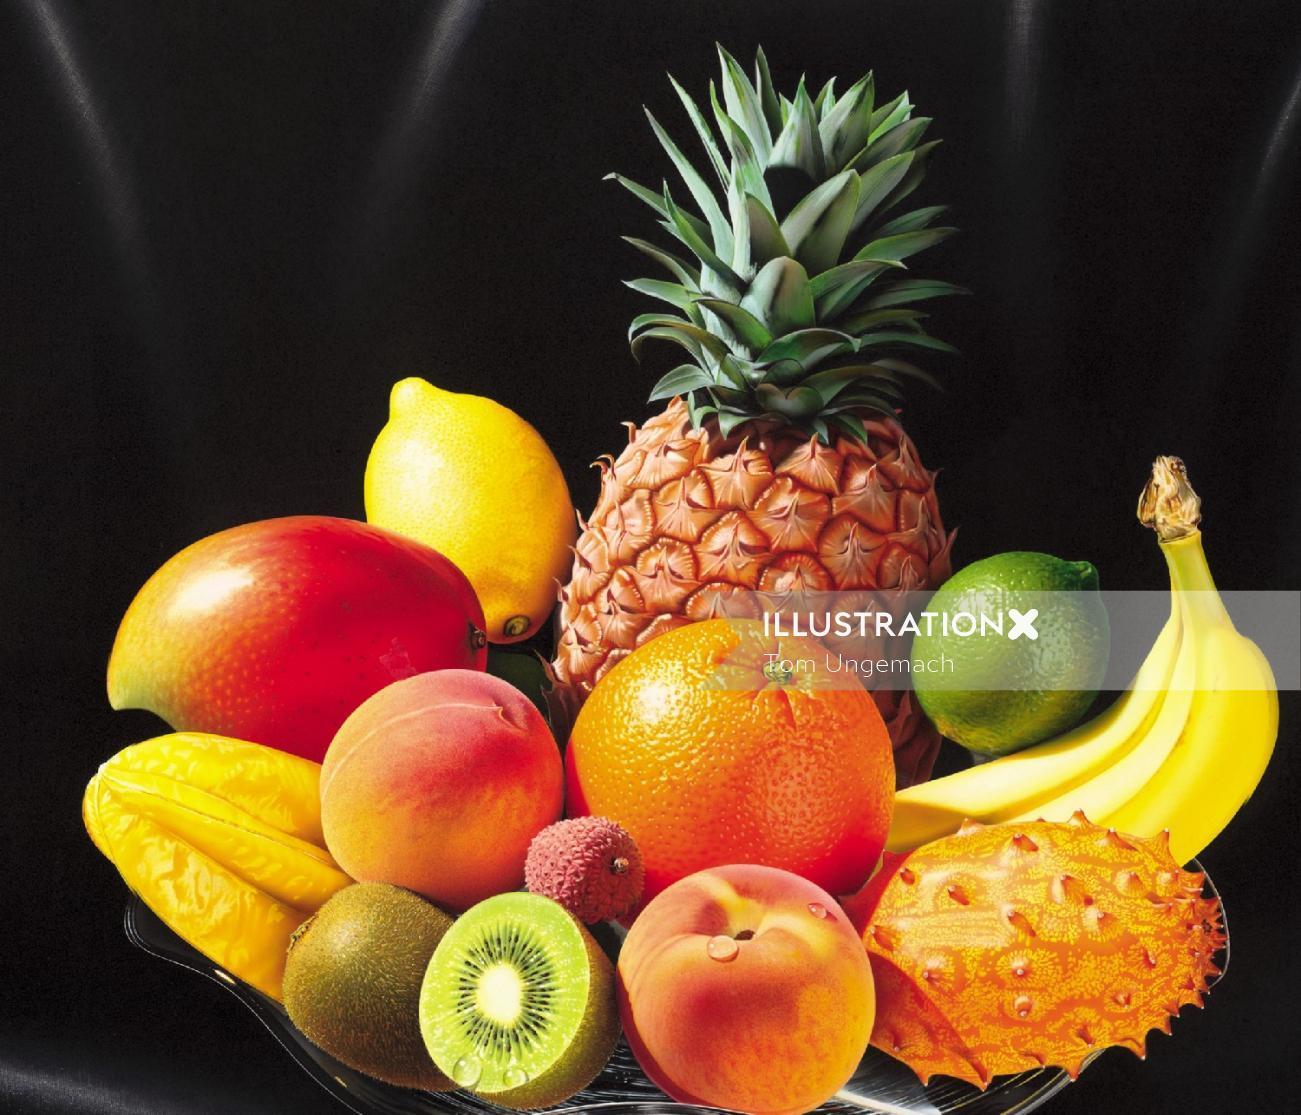 Fruits photorealistic illustration